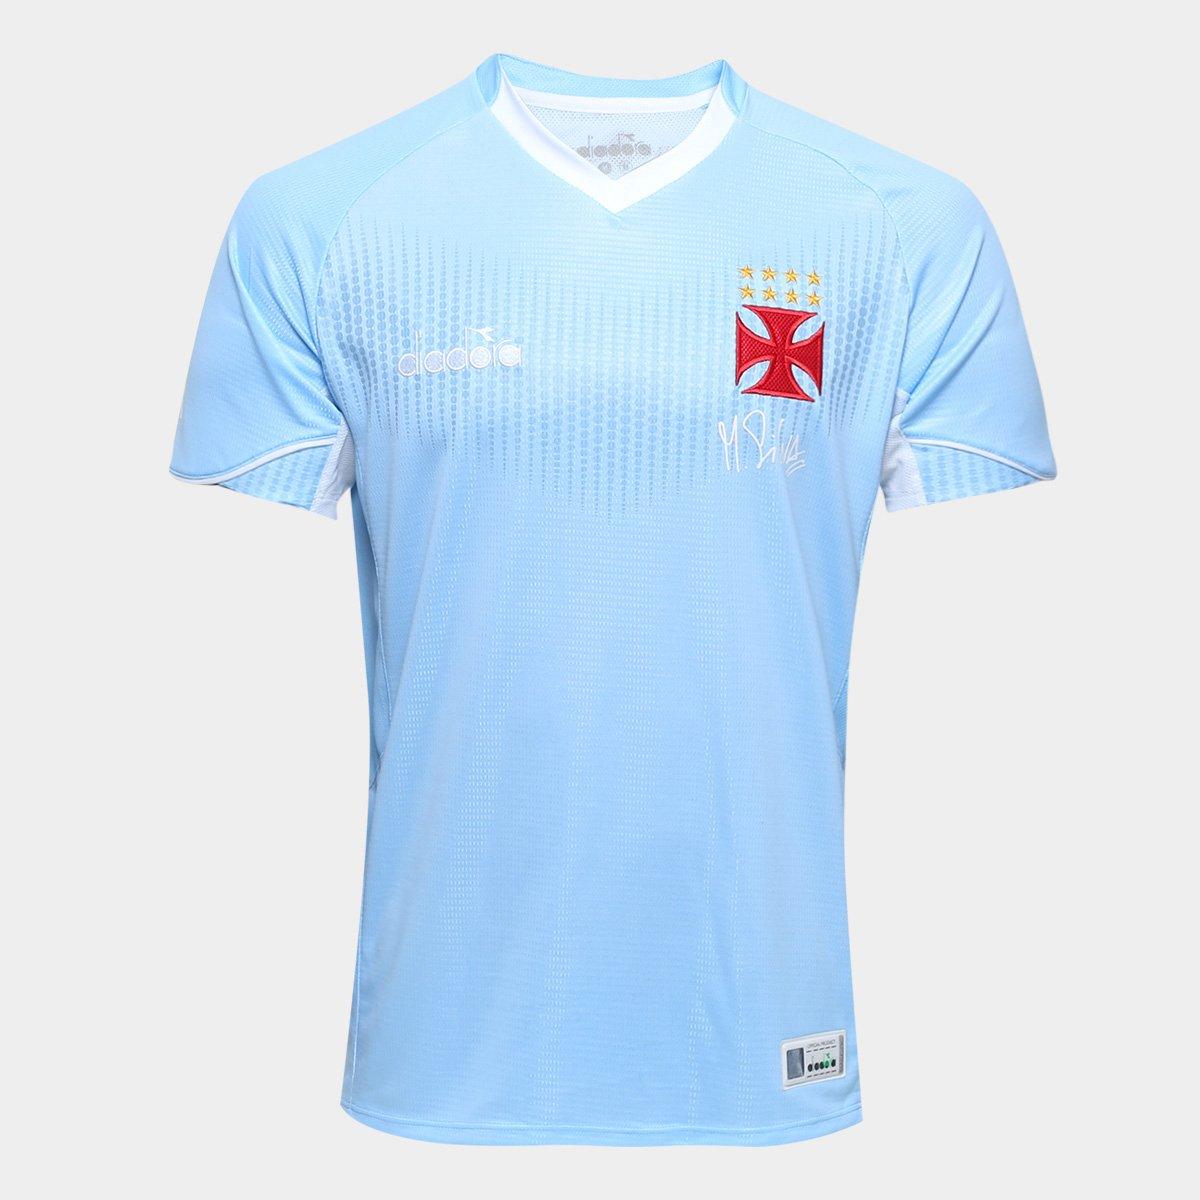 Camisa de Goleiro Vasco I 2018 s n° Torcedor Diadora Masculina ... 74e88f75f8426